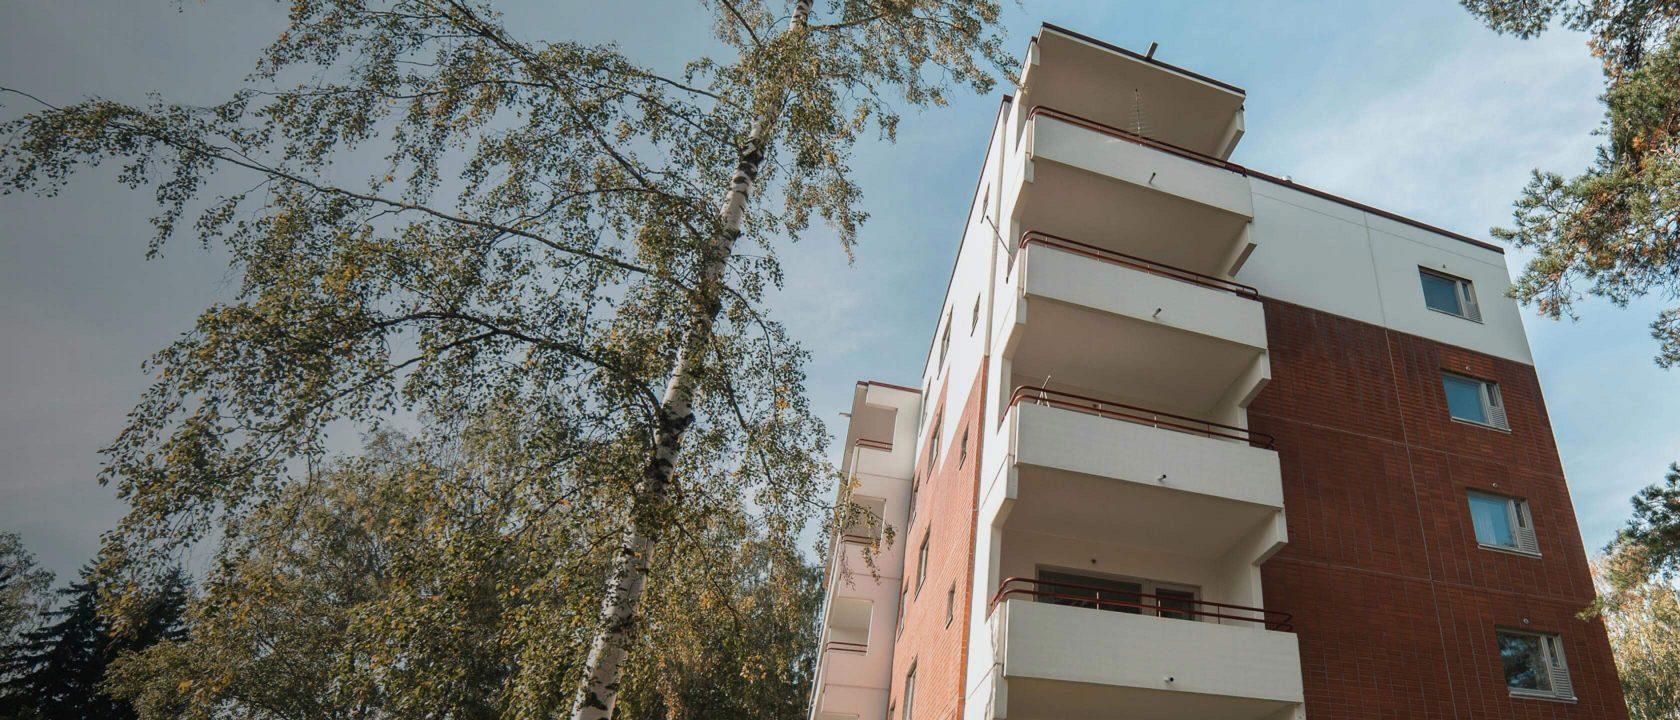 Paikallinen ja varma tekijä - Talo- ja kiinteistöyhtiöt